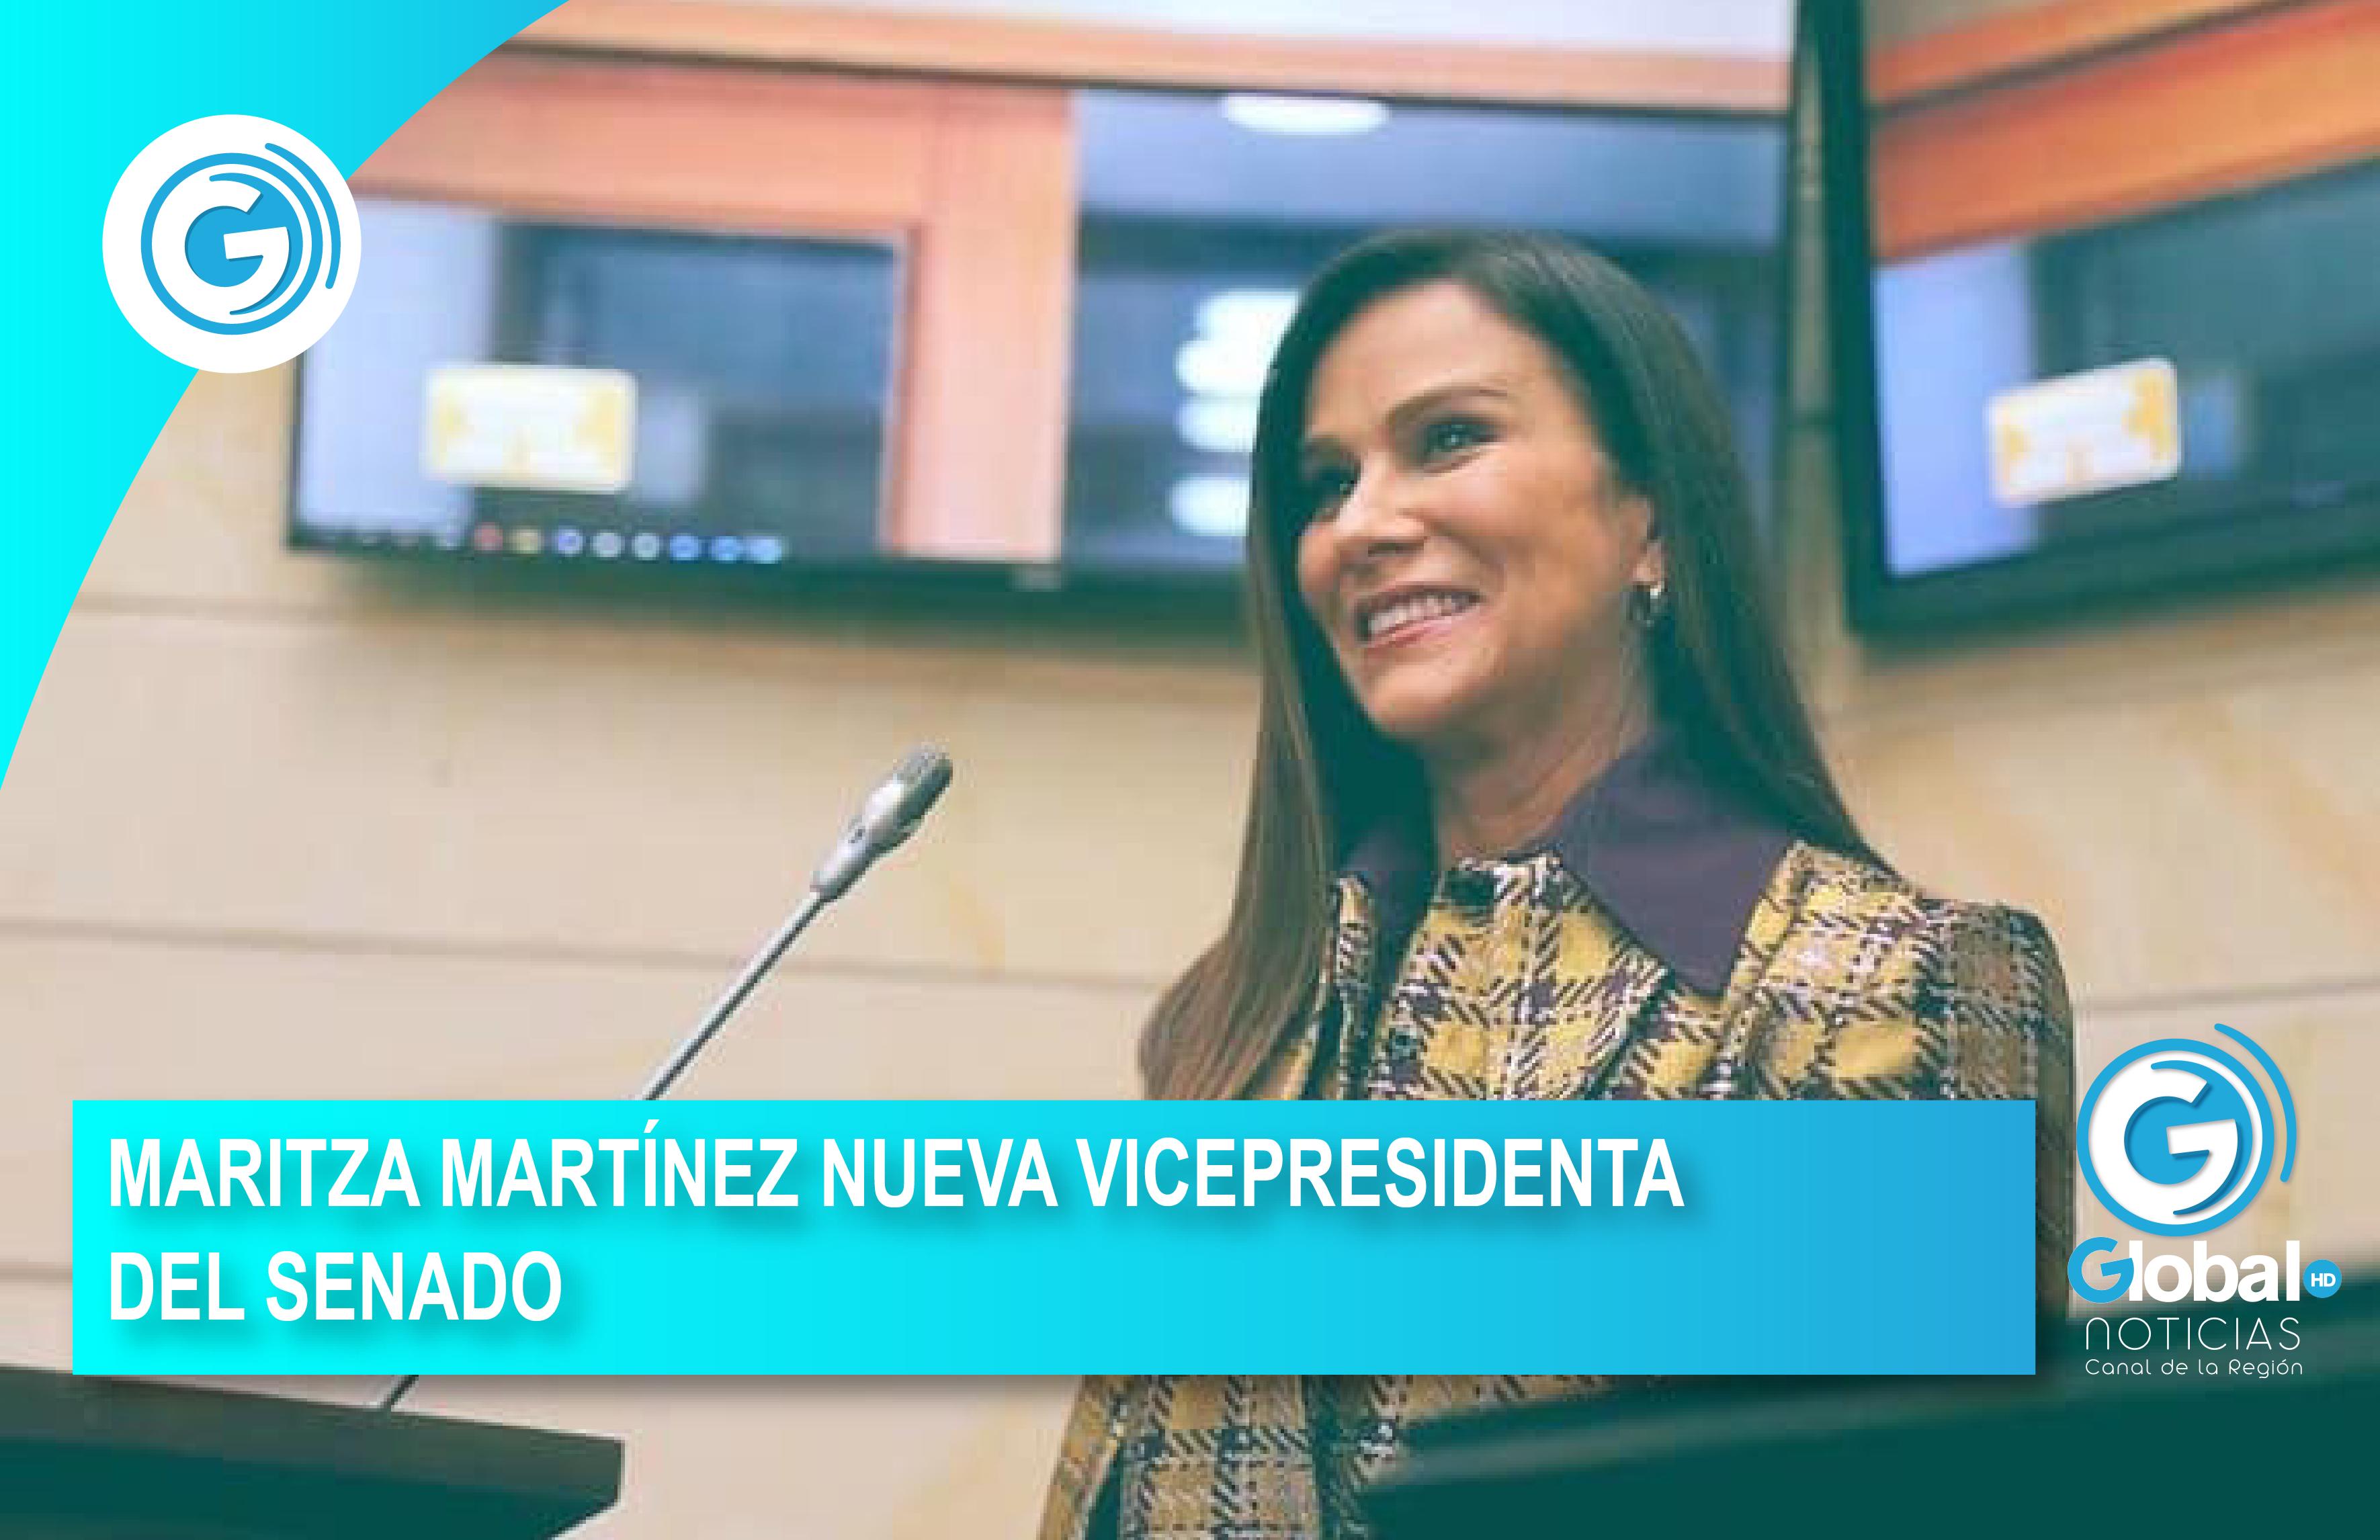 MARITZA MARTÍNEZ NUEVA VICEPRESIDENTA DEL SENADO